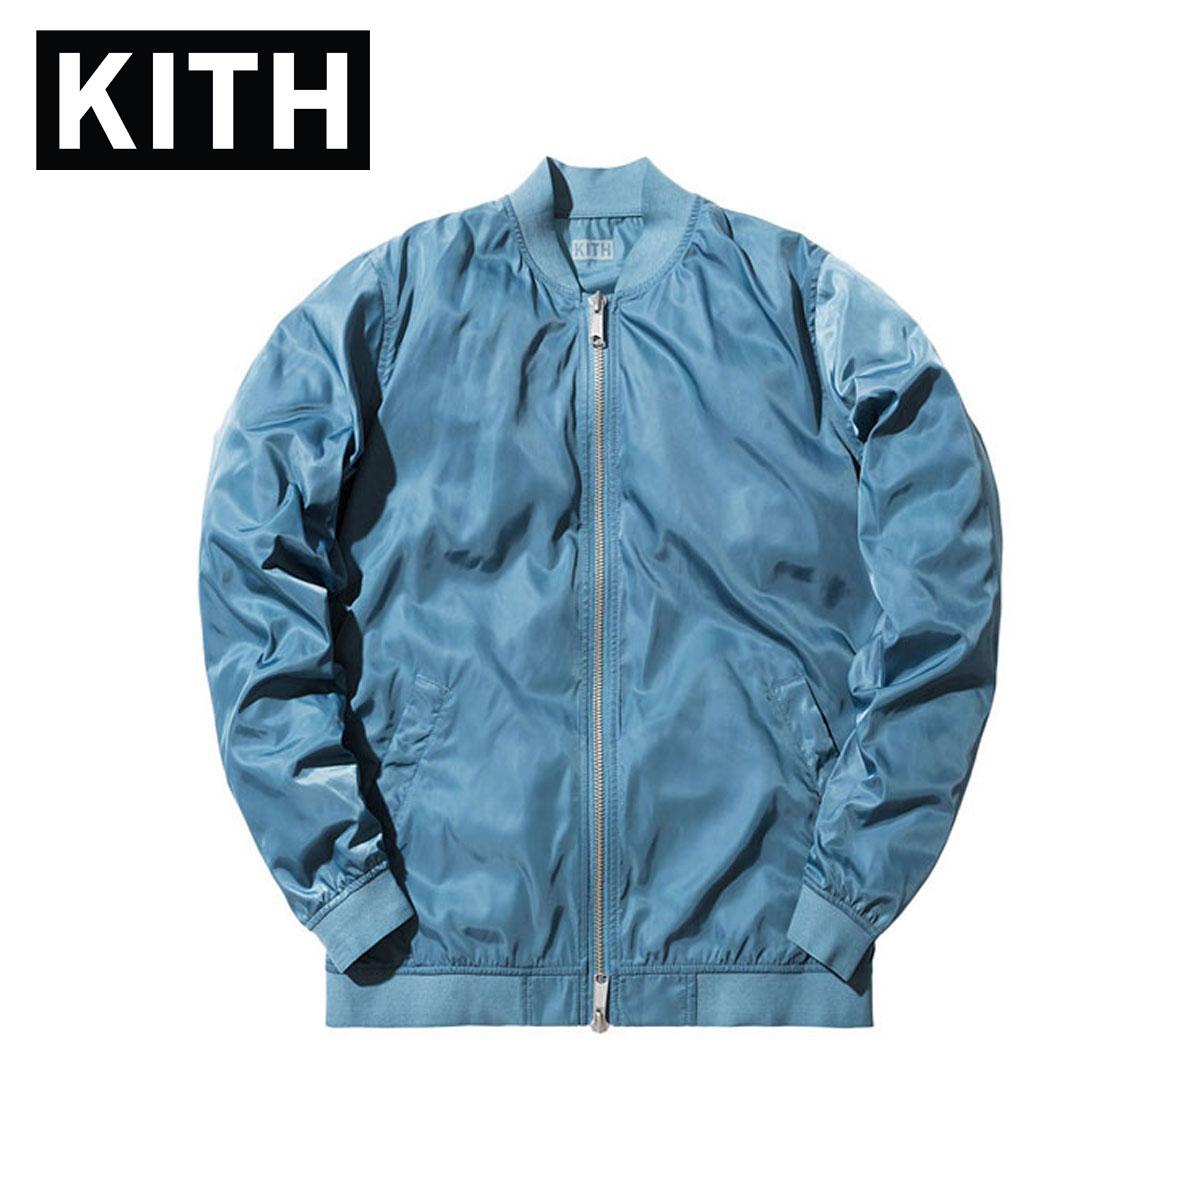 キス KITH 正規品 メンズ ジャケット Kith Astor Shell MA-1 - Slate